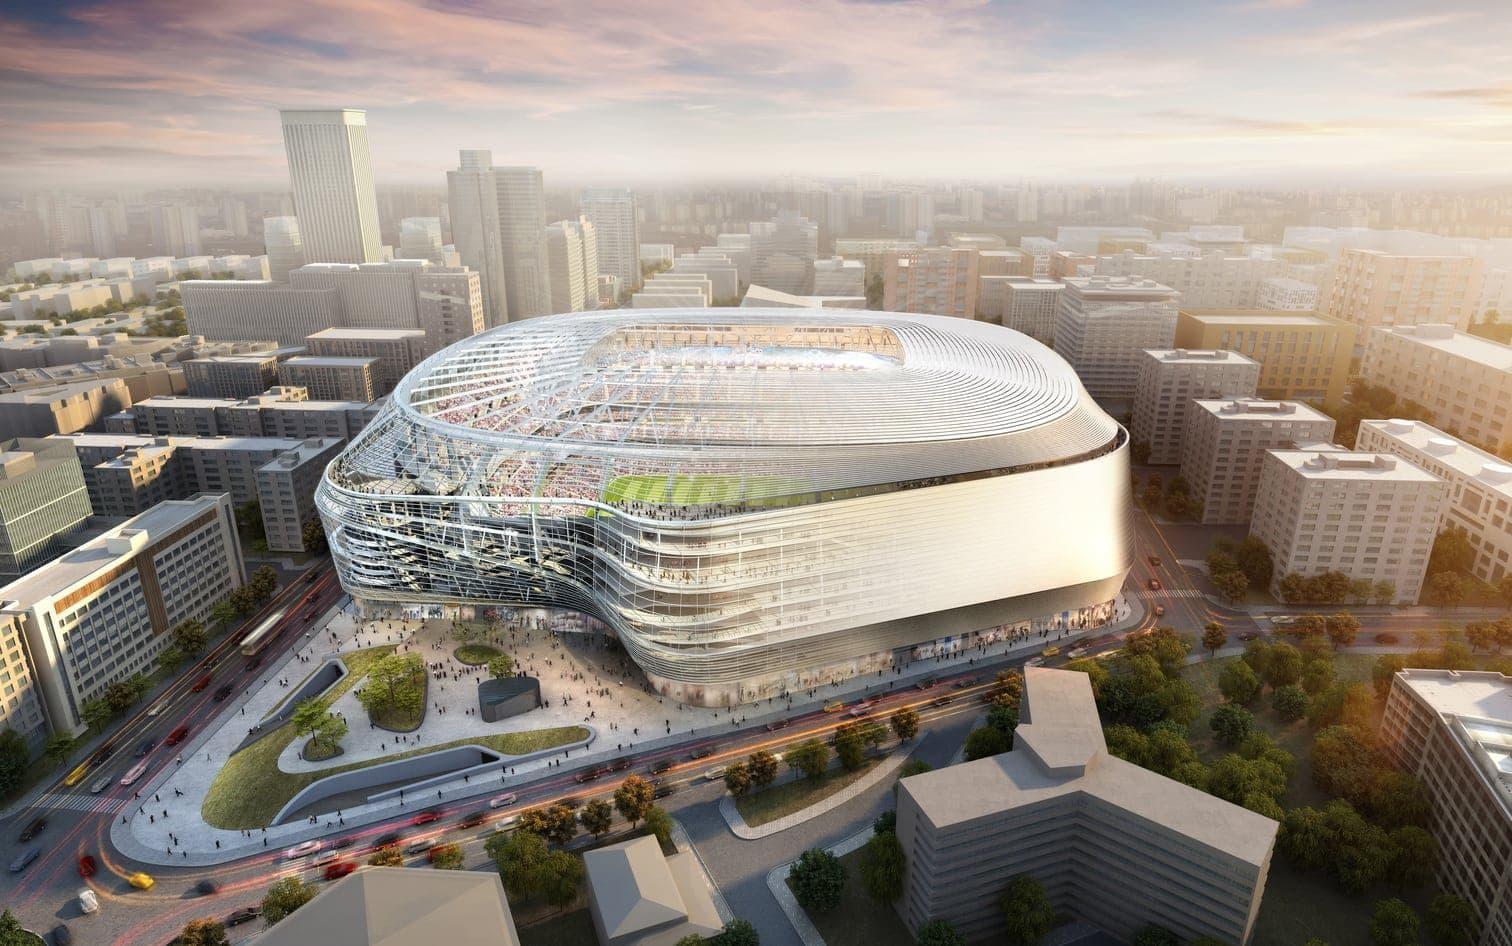 Neues Stadion Real Madrid